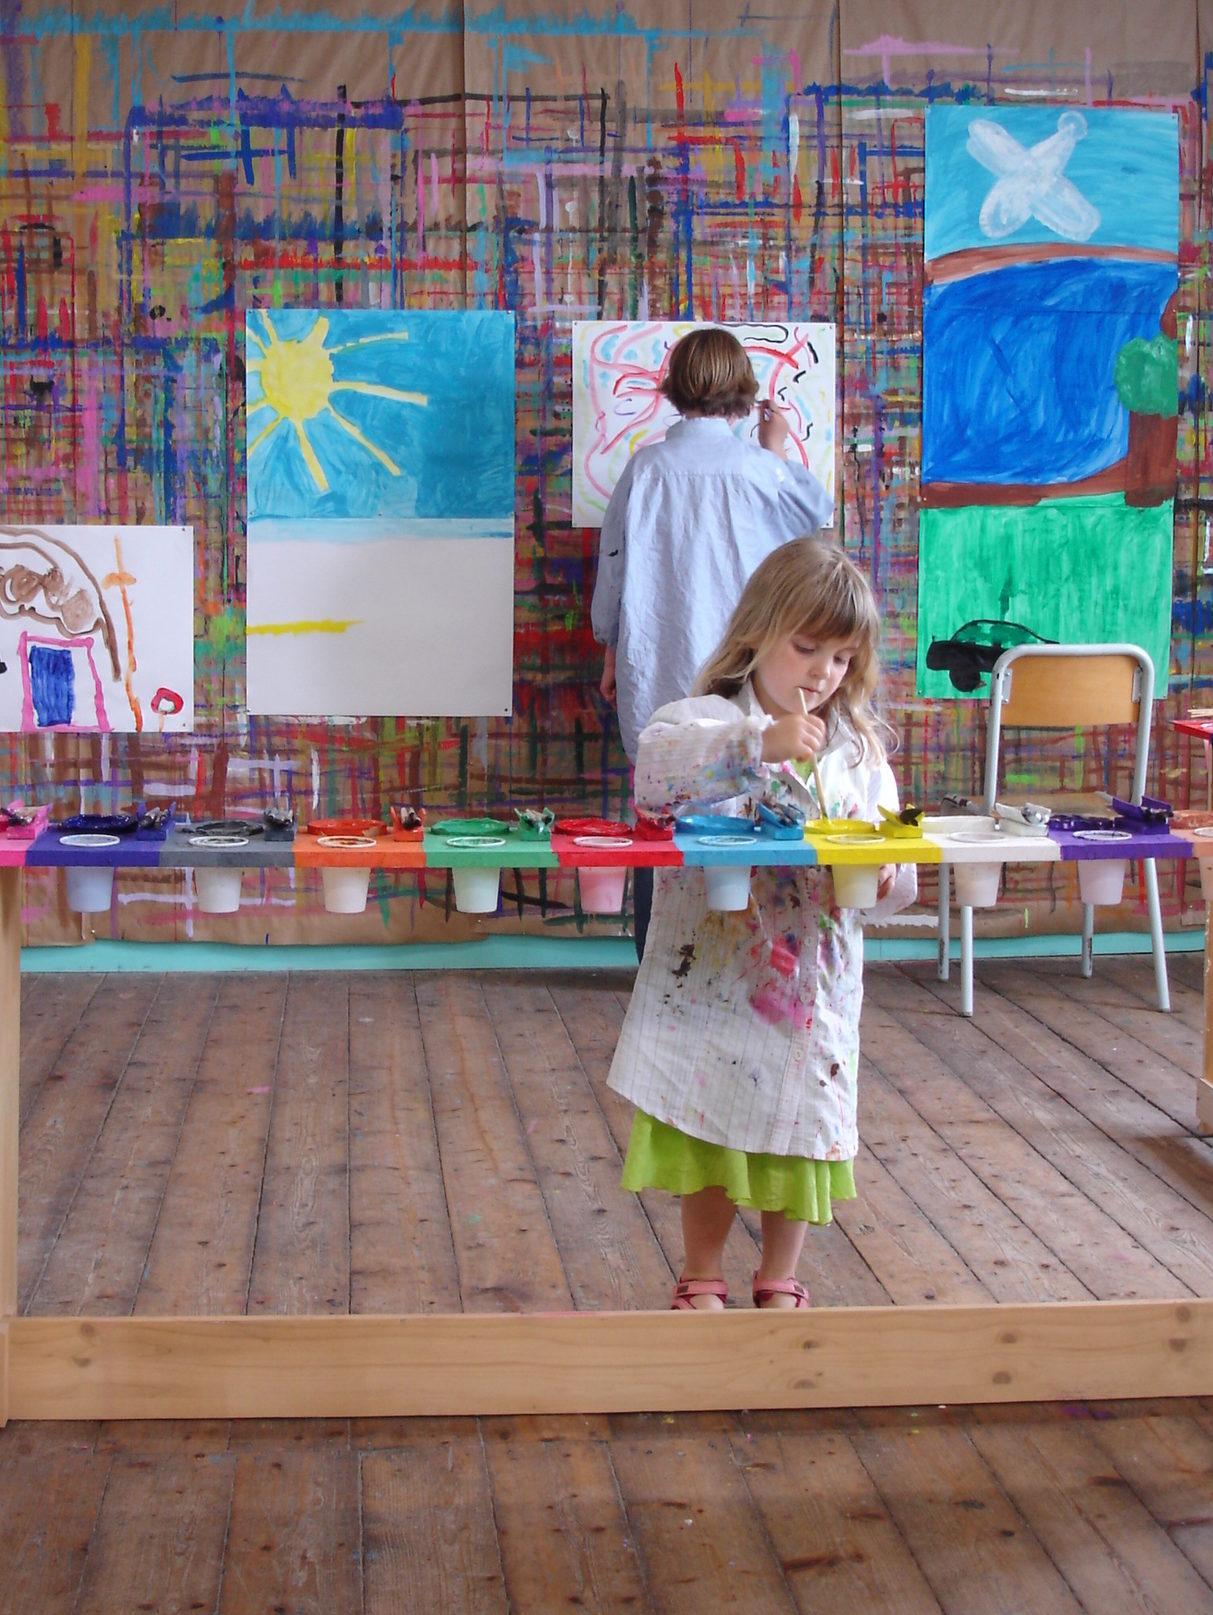 Les Ateliers l'ENVOL mon ancien Jeu de Peindre aujourd'hui fermé.